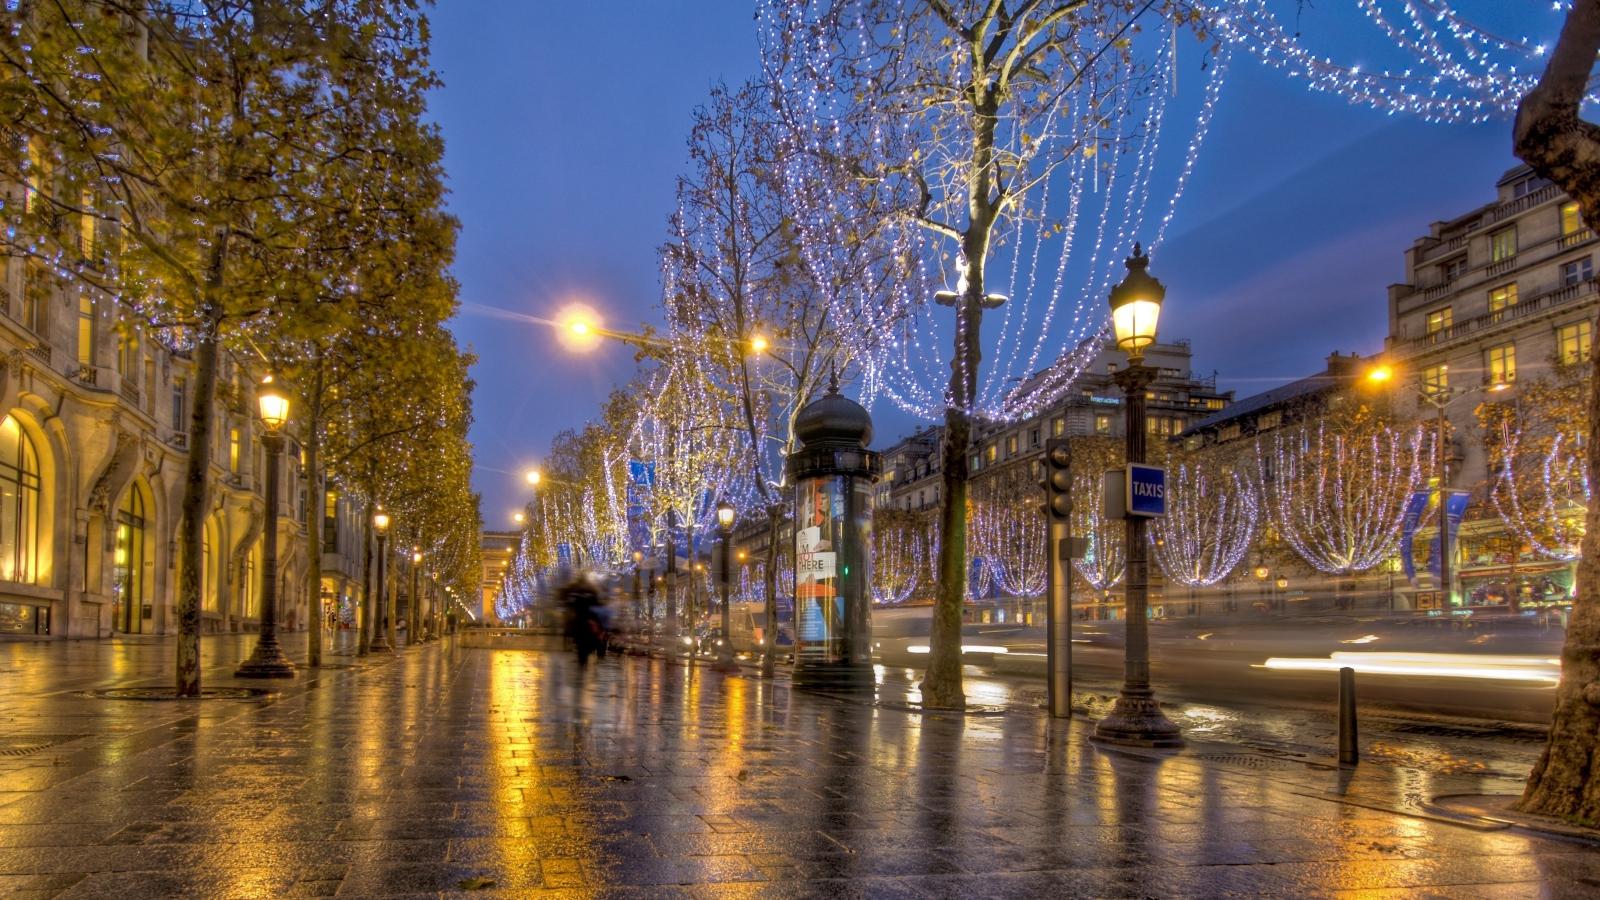 paris lighting street - photo #45